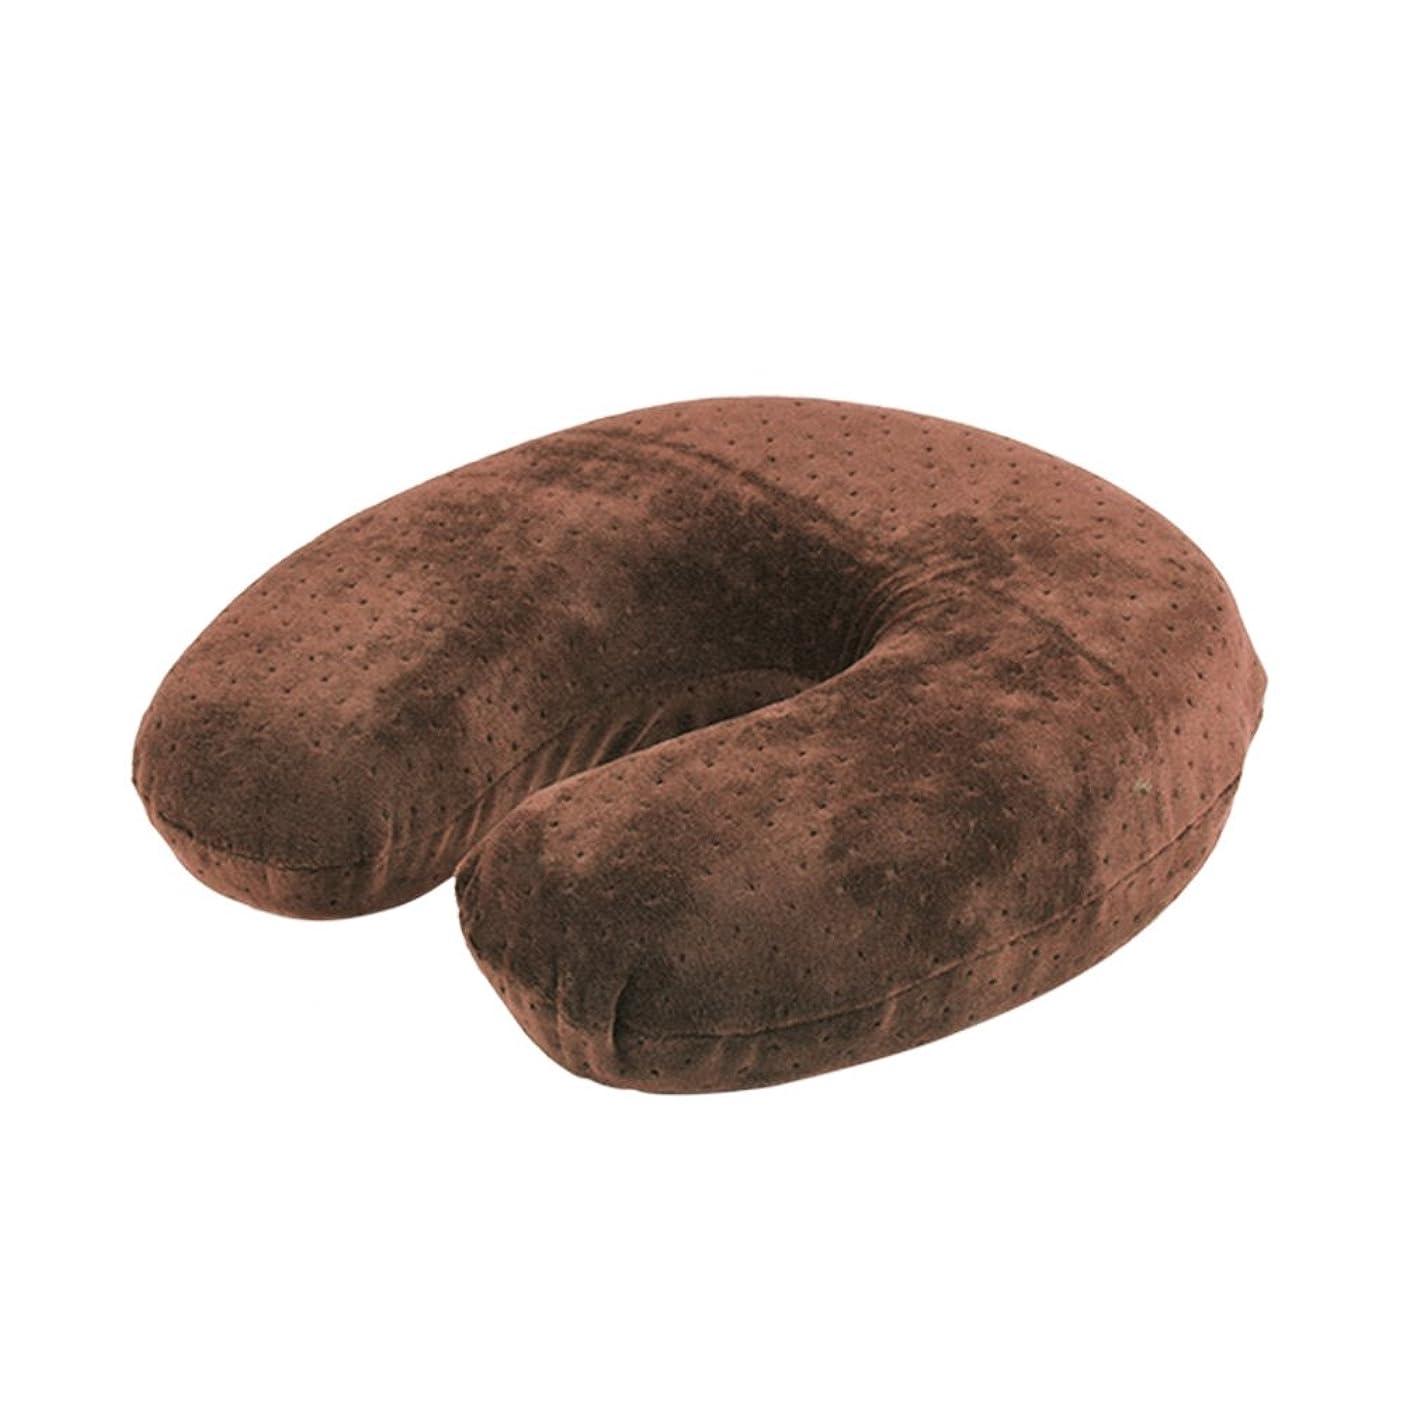 整理する活気づける薬局U字型枕、ビロードの反発の記憶泡の首の頭部の頚部枕残り旅行クッション(Brown)